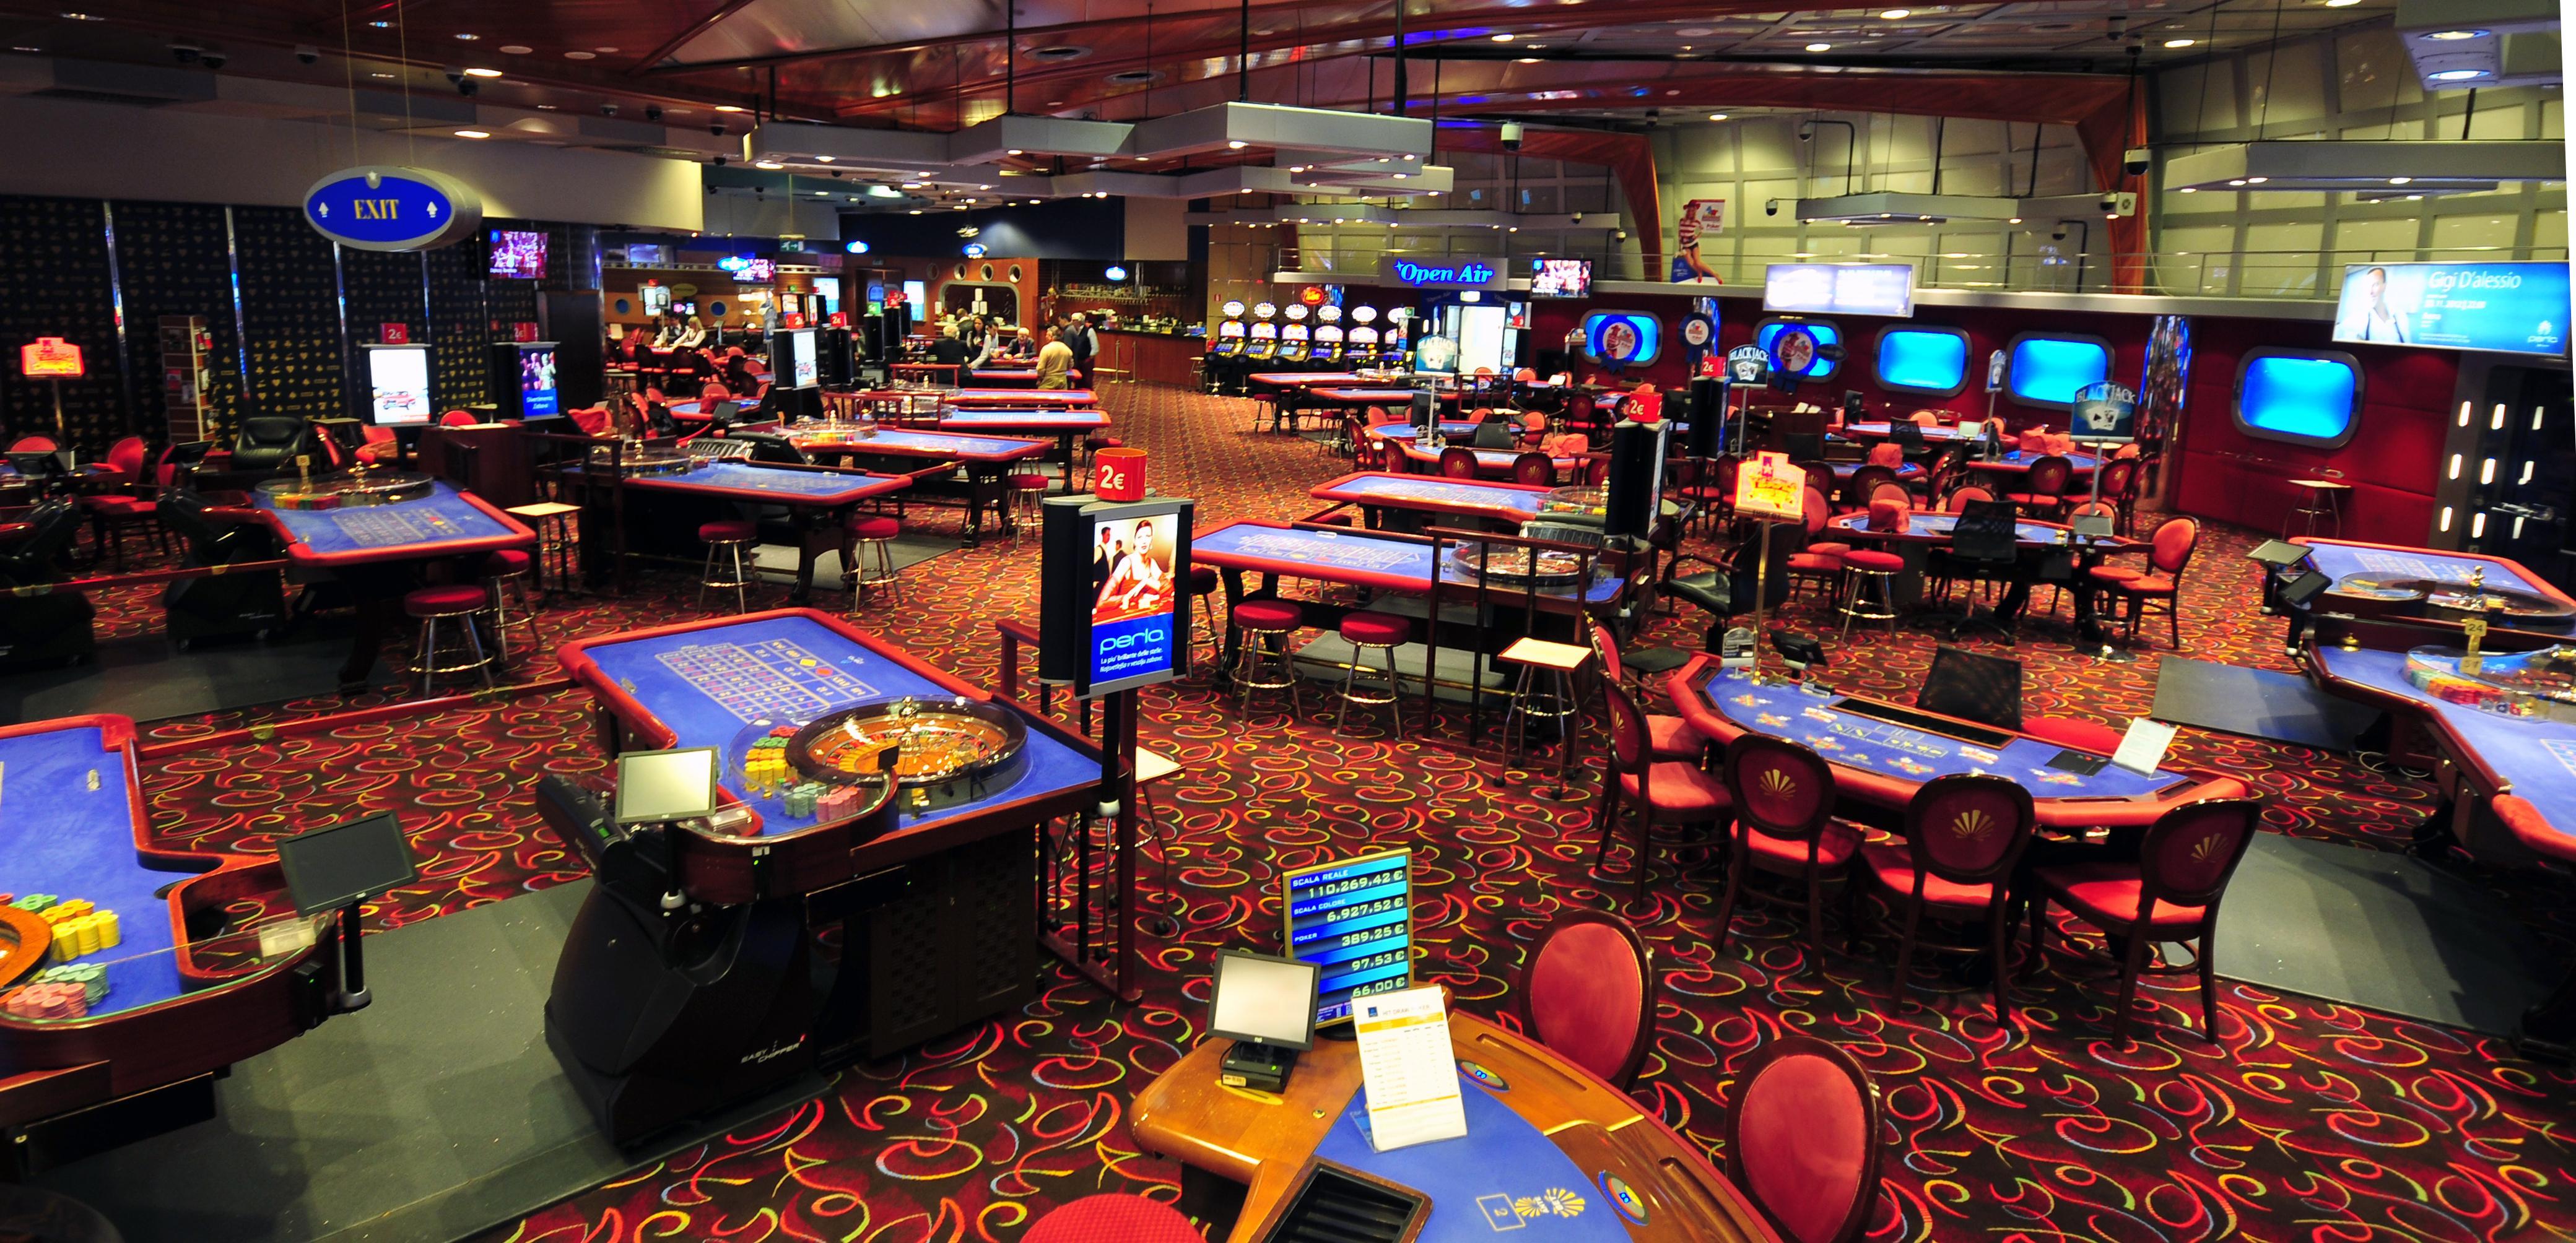 Работа в казино, салонвх и отелях г.н.новгород играть в игровые автоматы windjammer